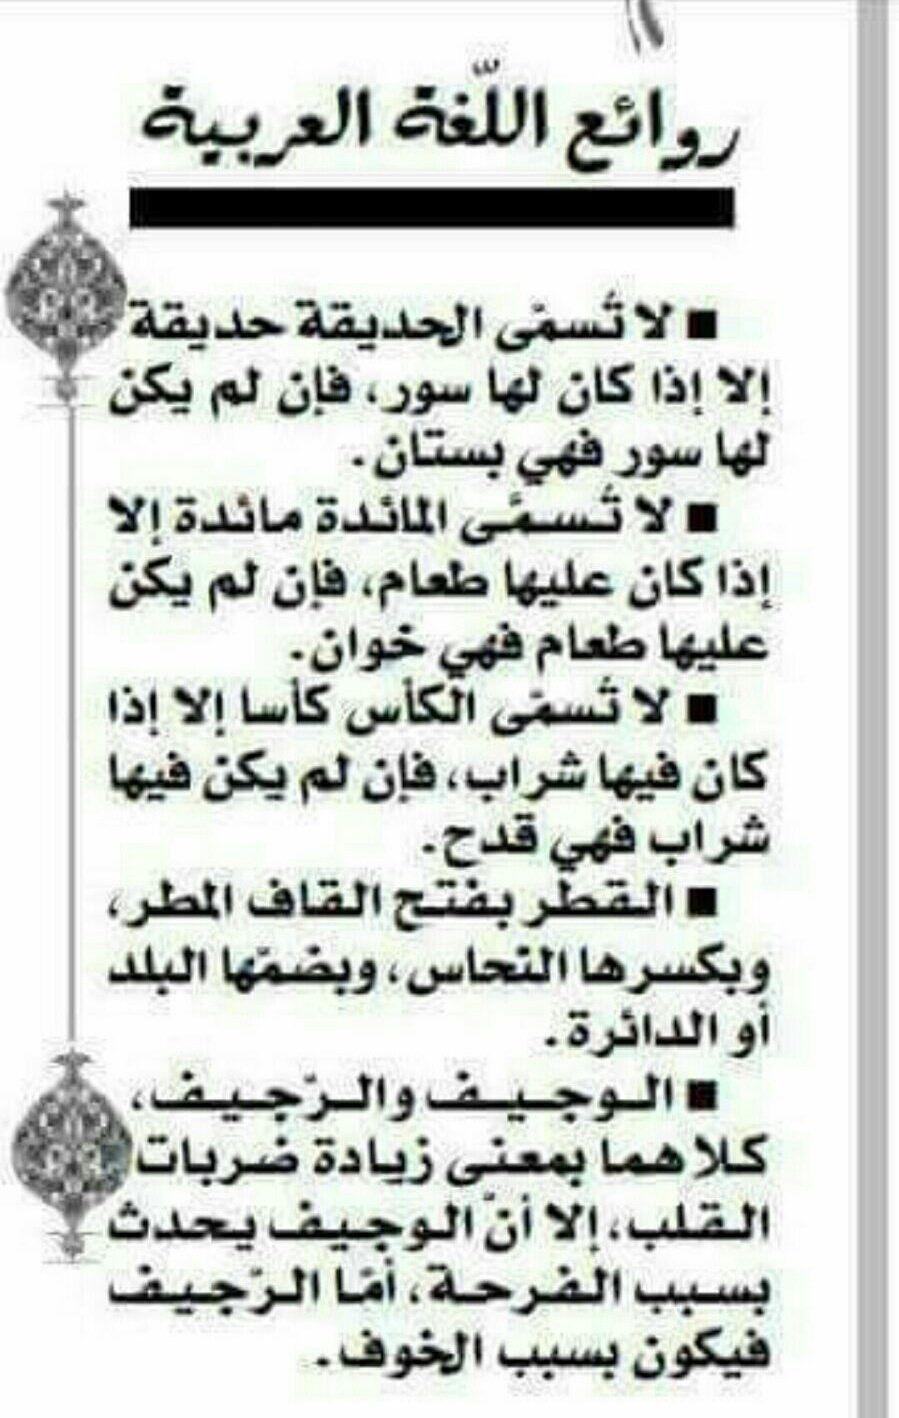 أهمية اللغة العربية Beautiful Arabic Words Learn Arabic Alphabet Learning Arabic